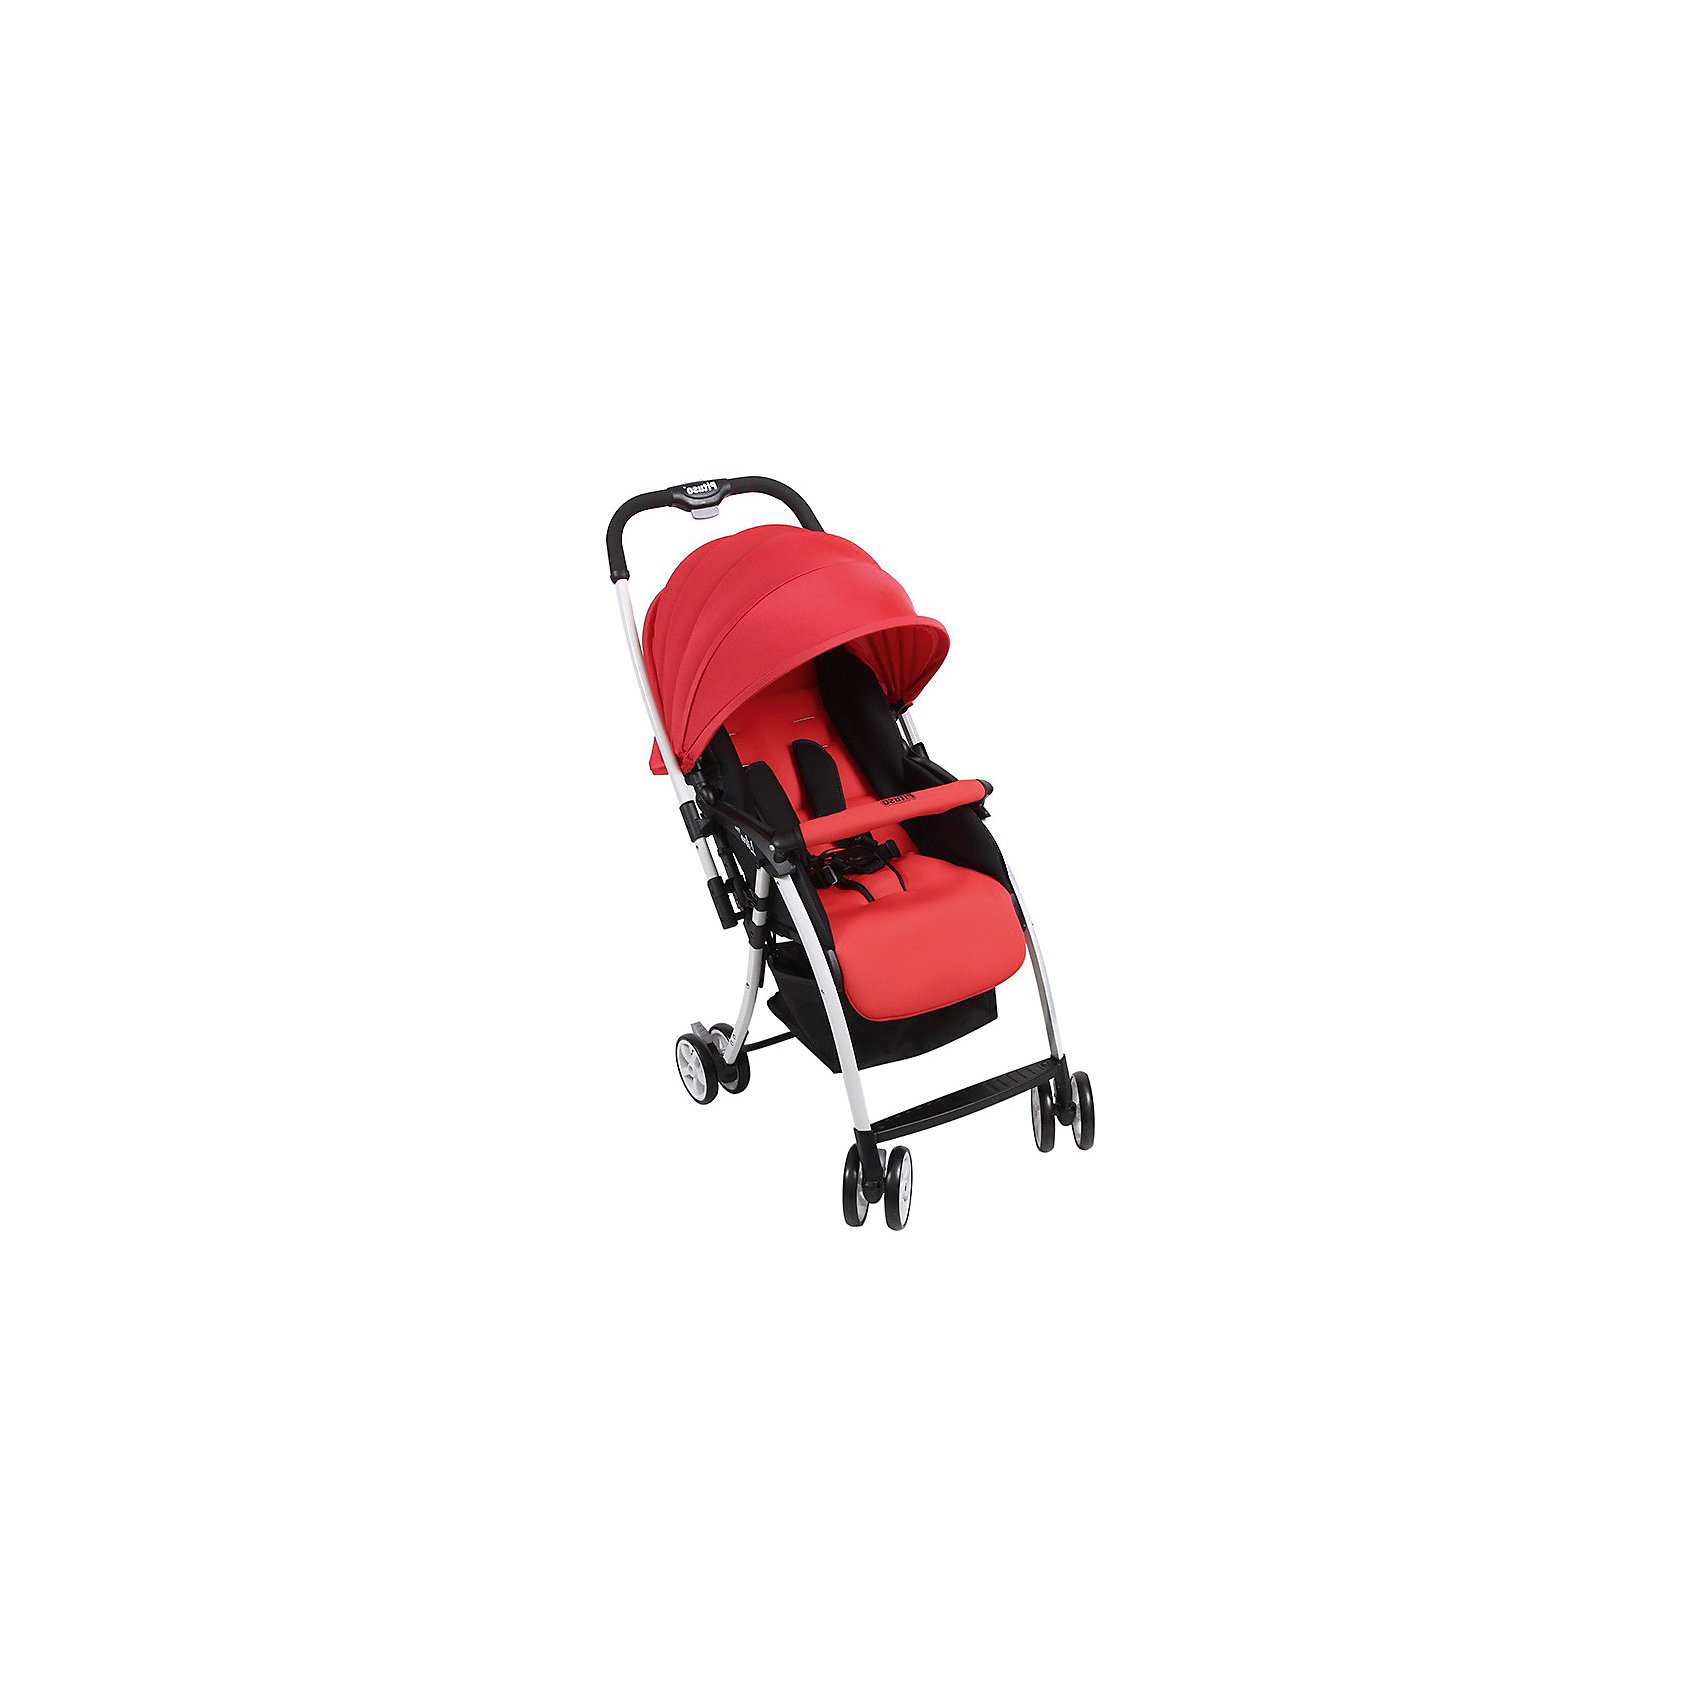 Прогулочная коляска LIBRO PLUS, Pituso, красныйСтильная удобная коляска-книжка LIBRO PLUS гулять с ребенком, не беспокоясь при этом о его безопасности. Красивый цвет коляски привлечет внимание малыша. Эта модель очень удобна: есть индивидуальный тормоз для каждого колеса, коляска легкая и прочная.<br>Модель очень легко складывается, конструкция  - очень устойчивая. Большой капор может раскладываться до бампера, создавая уютное место для отдыха малыша. Ткань обивки мягкая и приятная на ощупь. Легко моется и быстро сохнет. Модель дополнена 5-точечными ремнями безопасности. Изделие произведено из качественных и безопасных для малышей материалов, оно соответствуют всем современным требованиям безопасности.<br> <br>Дополнительная информация:<br><br>цвет: красный;<br>материал: металл, пластик, текстиль;<br>механизм складывания книжка;<br>перекидная ручка;<br>больший капор в цвет коляски;<br>регулировка спинки с помощью ремня;<br>индивидуальный тормоз для каждого колеса;<br>черные наплечники;<br>5-ти точечный ремень безопасности с мягкими накладками;<br>жесткое сиденье;<br>съемный бампер;<br>удобный механизм складывания подножки<br>корзина: сетка+ткань;<br>алюминиевая рама с бронзовым покрытием;<br>пластик черного цвета;<br>вес: 6,5 кг;<br>размер в разложенном состоянии: 75x45x101 см.<br><br>Прогулочная коляска LIBRO PLUS, красный, от компании Pituso можно купить в нашем магазине.<br><br>Ширина мм: 750<br>Глубина мм: 450<br>Высота мм: 1100<br>Вес г: 6500<br>Возраст от месяцев: 7<br>Возраст до месяцев: 36<br>Пол: Унисекс<br>Возраст: Детский<br>SKU: 4720007